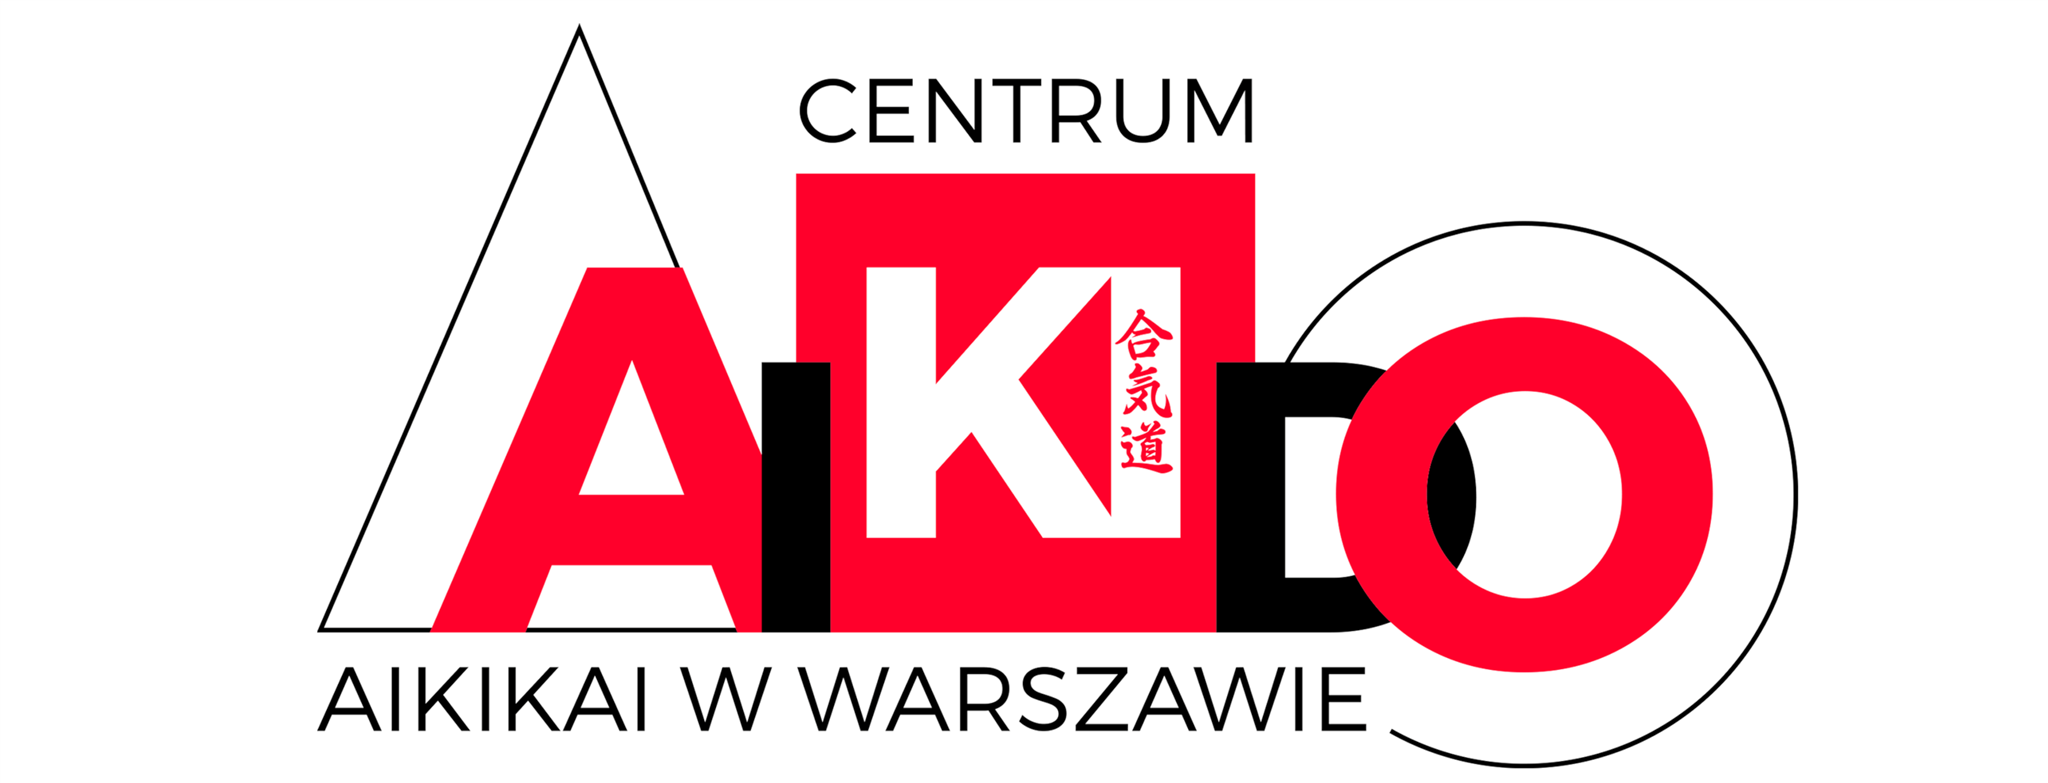 Taiso – usprawnianie | Centrum Aikido w Warszawie R Hoffmann 6 dan